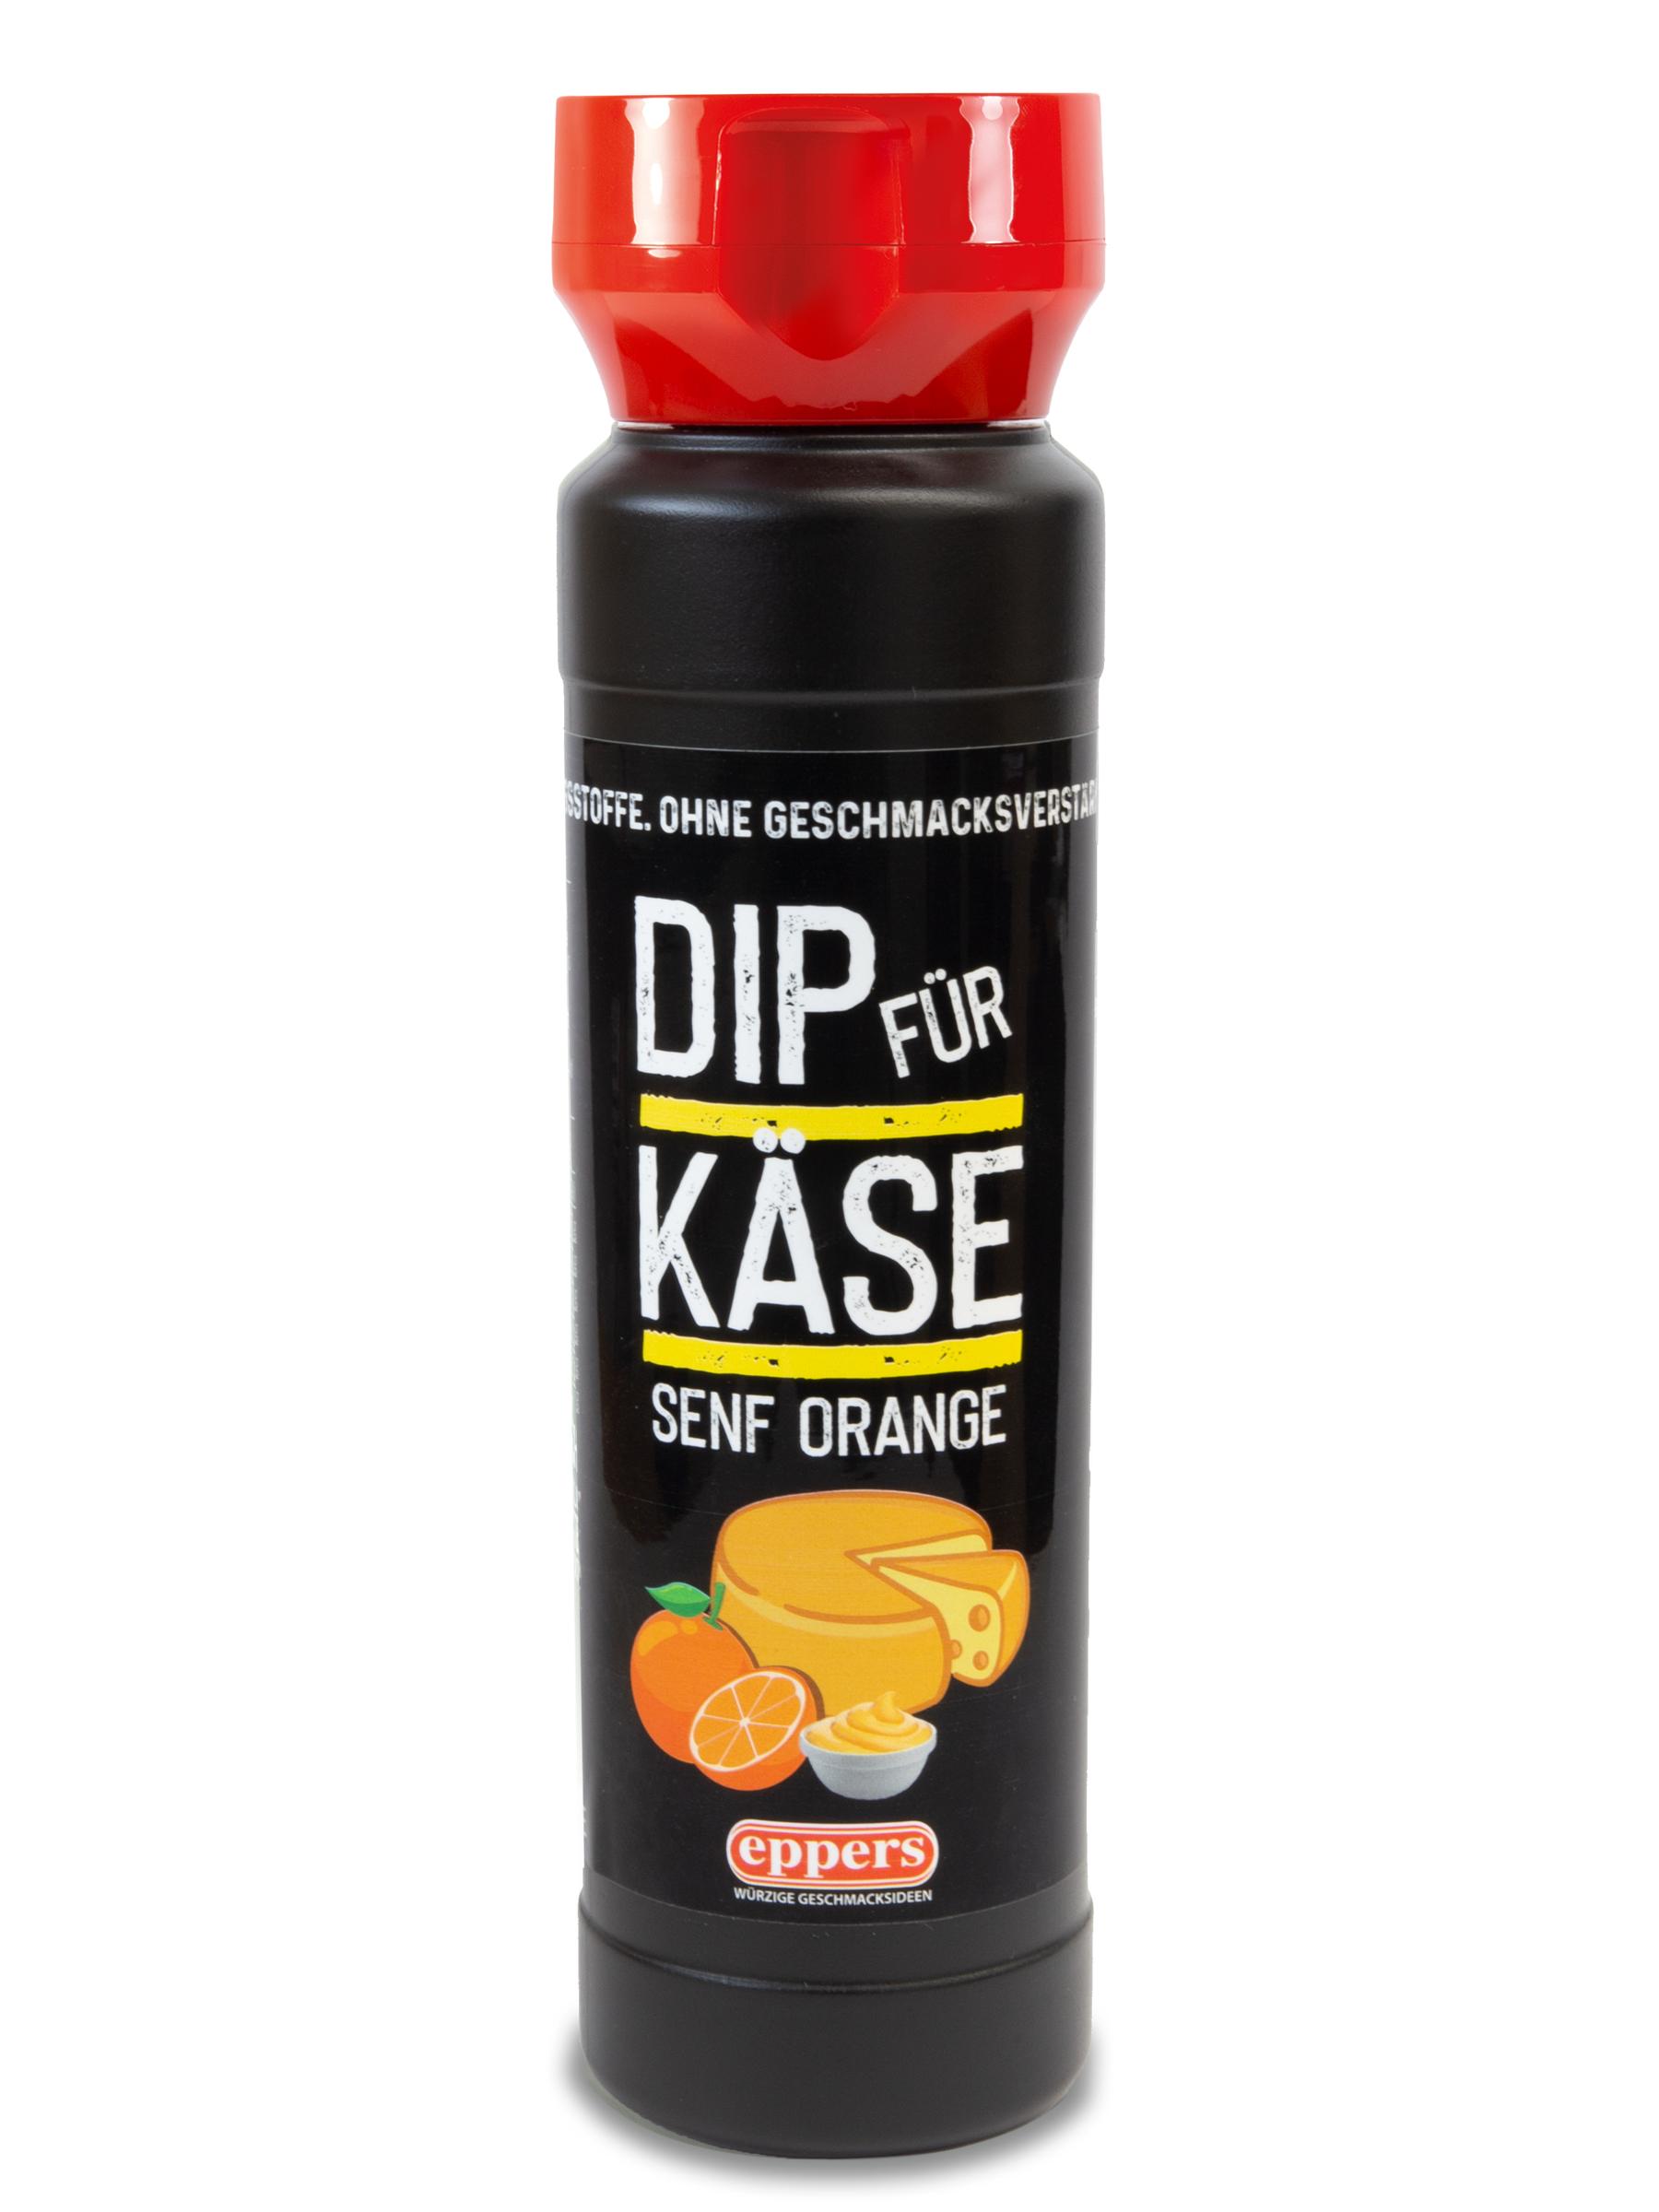 Dip für Käse Senf Orange